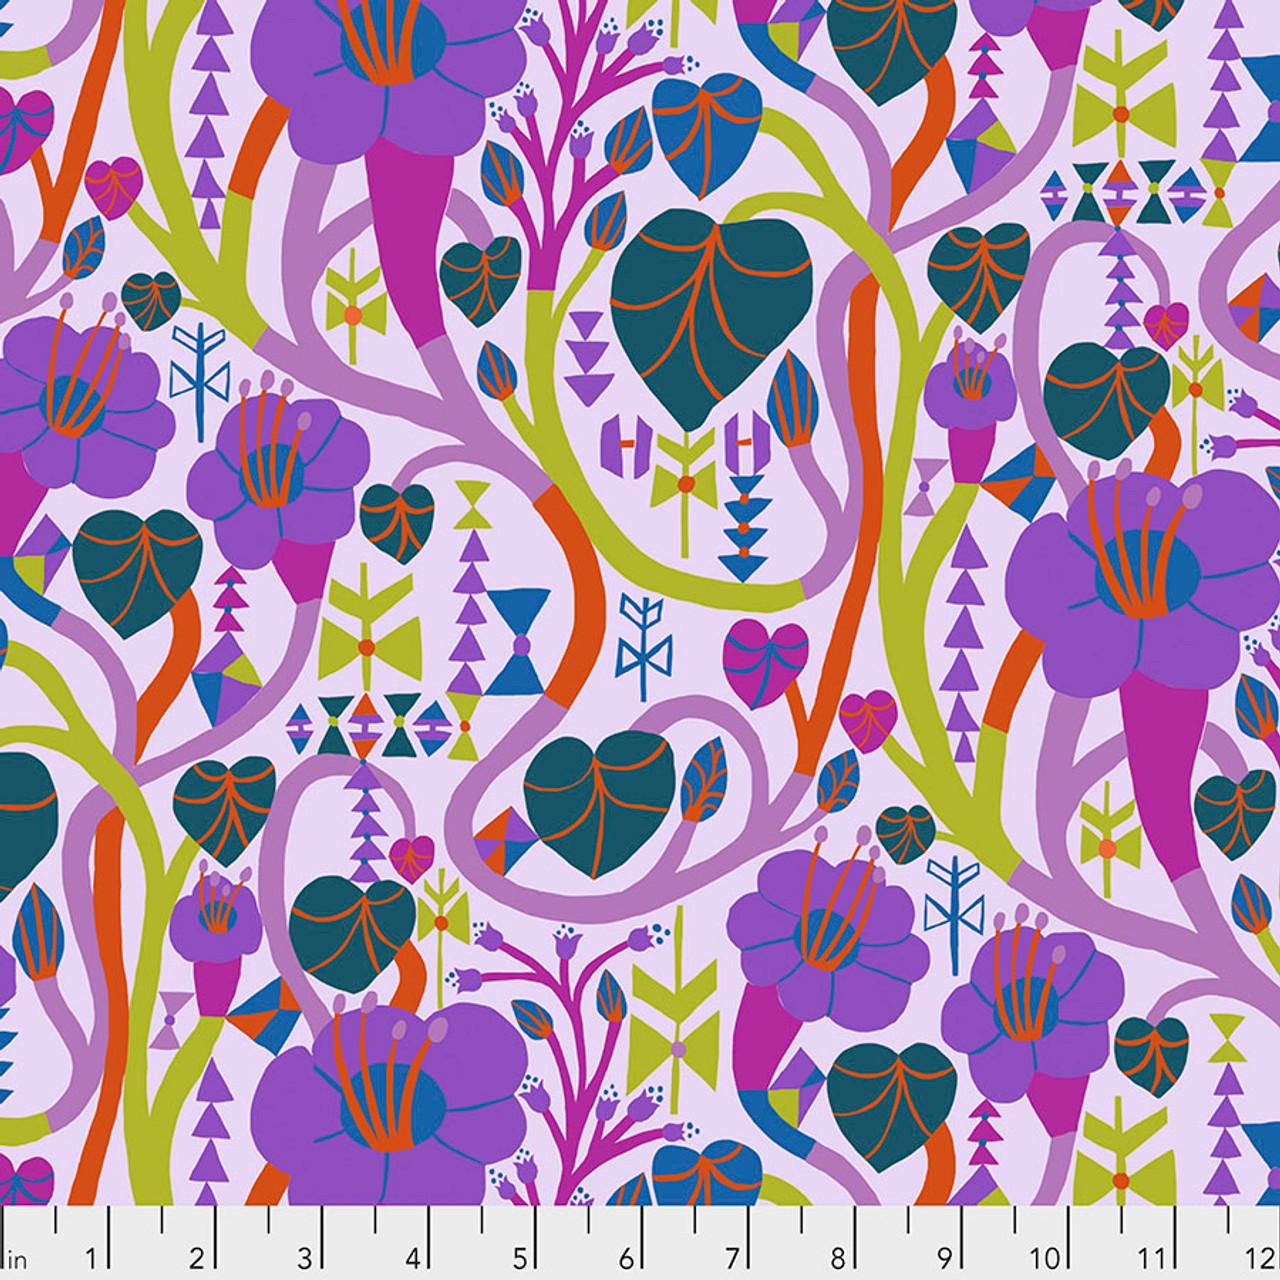 Homeward - Meander (Lilac)